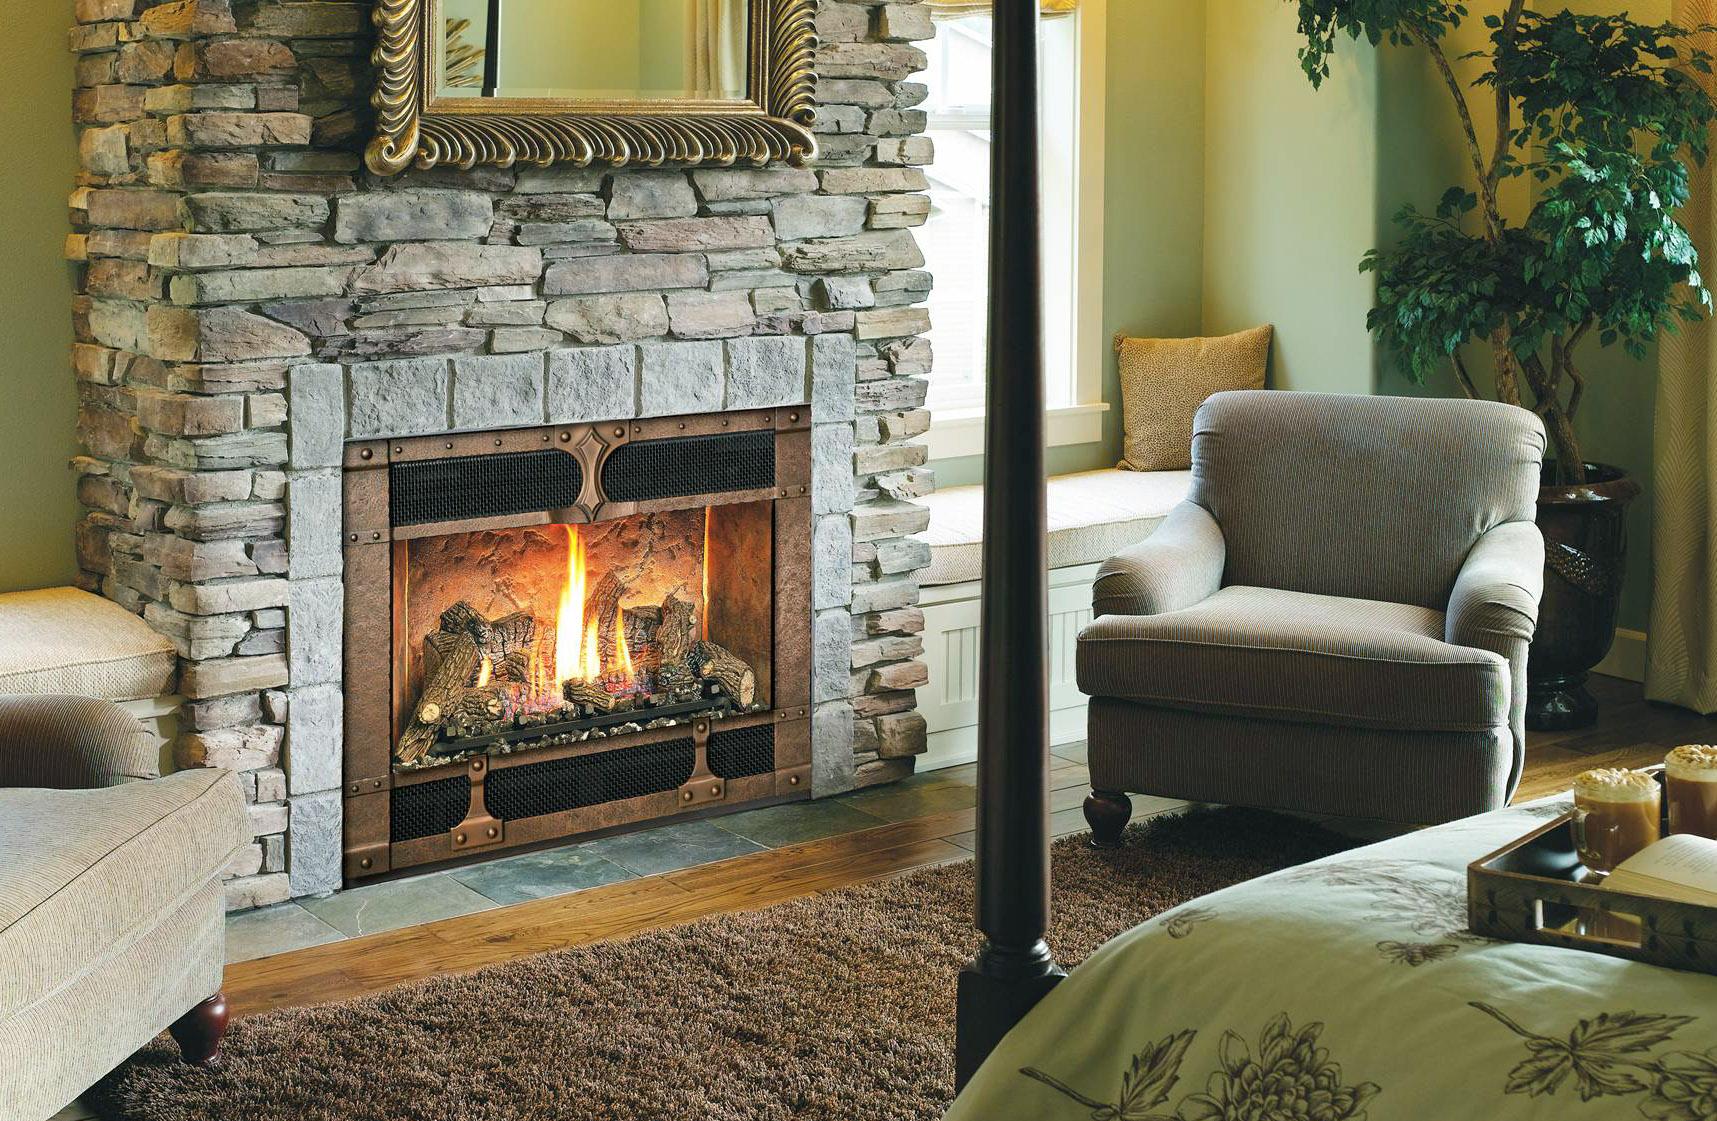 New timberline face travisdealernews for Fireplace xtrordinair 4237